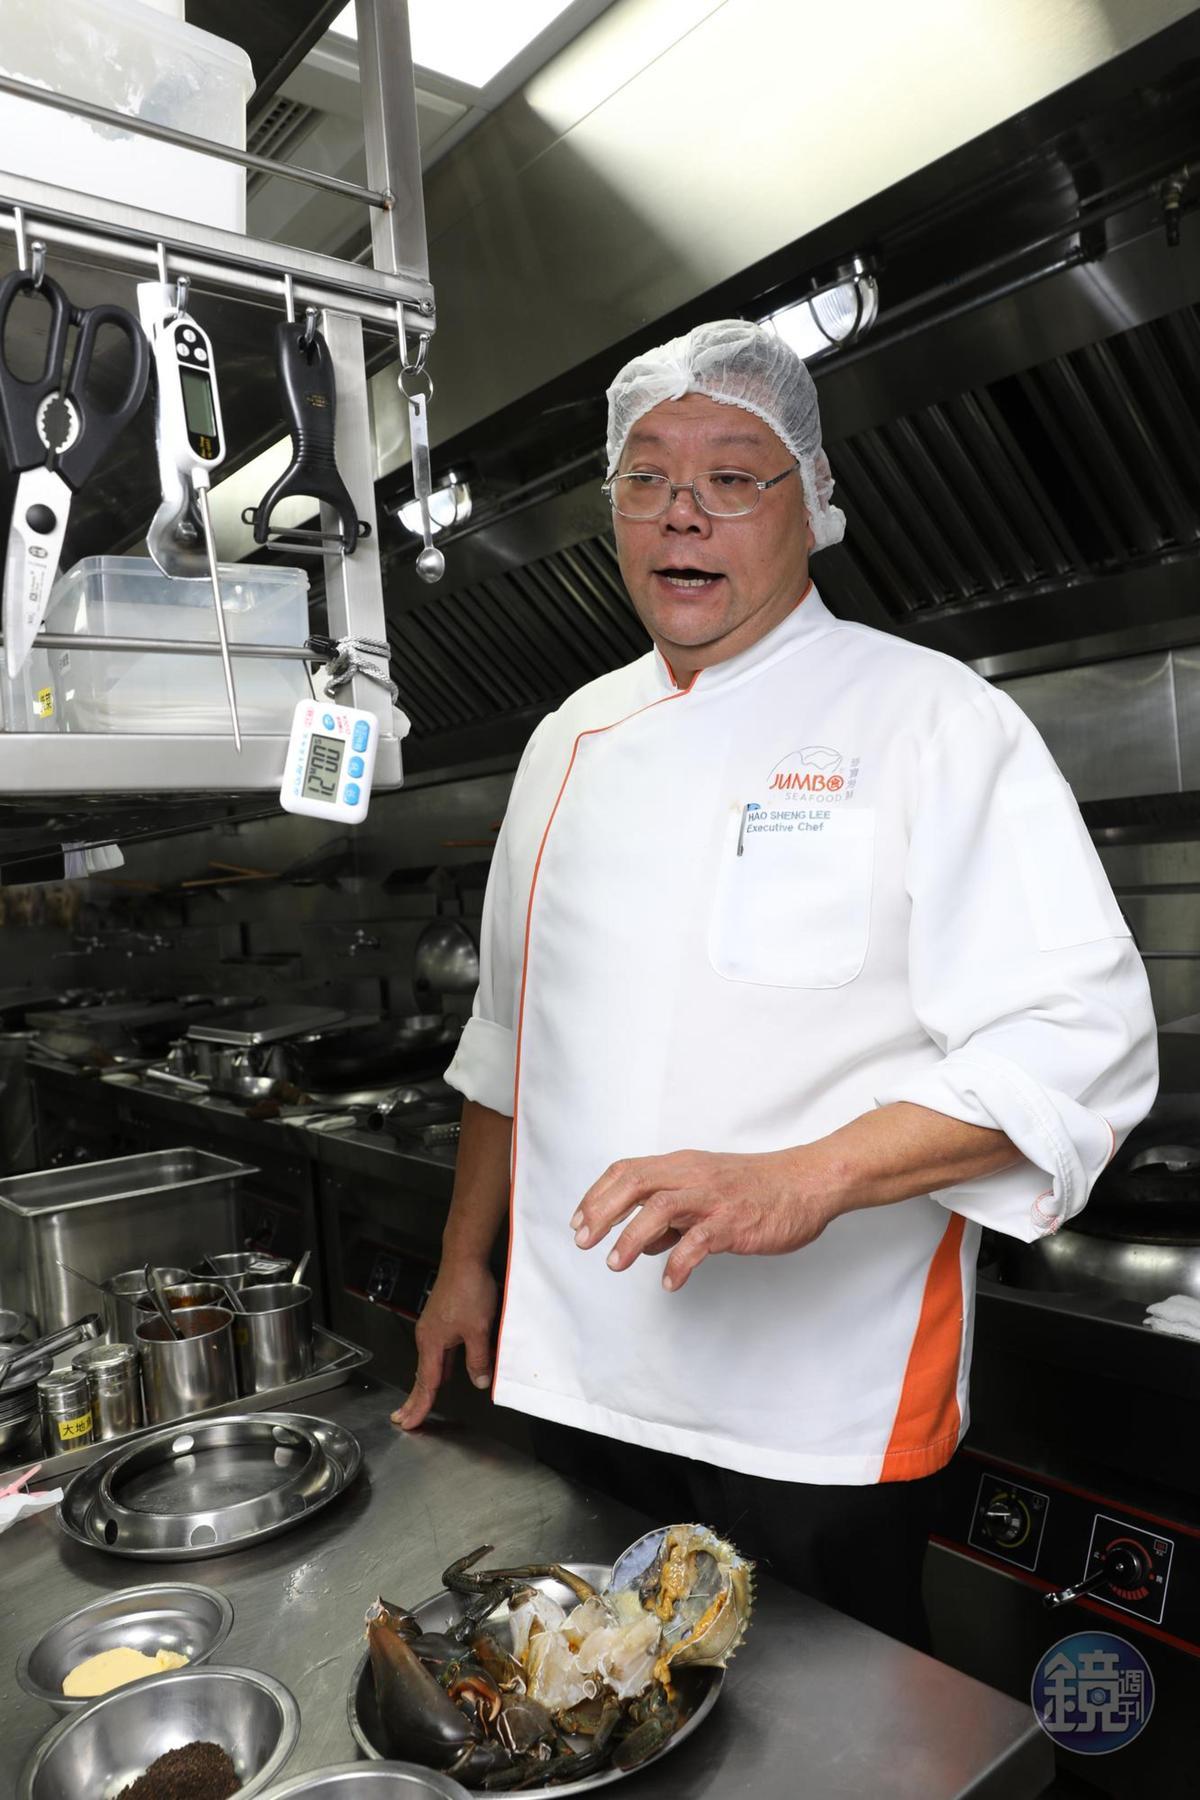 行政主廚李豪盛在廚房得套好網帽,十分在意衛生。